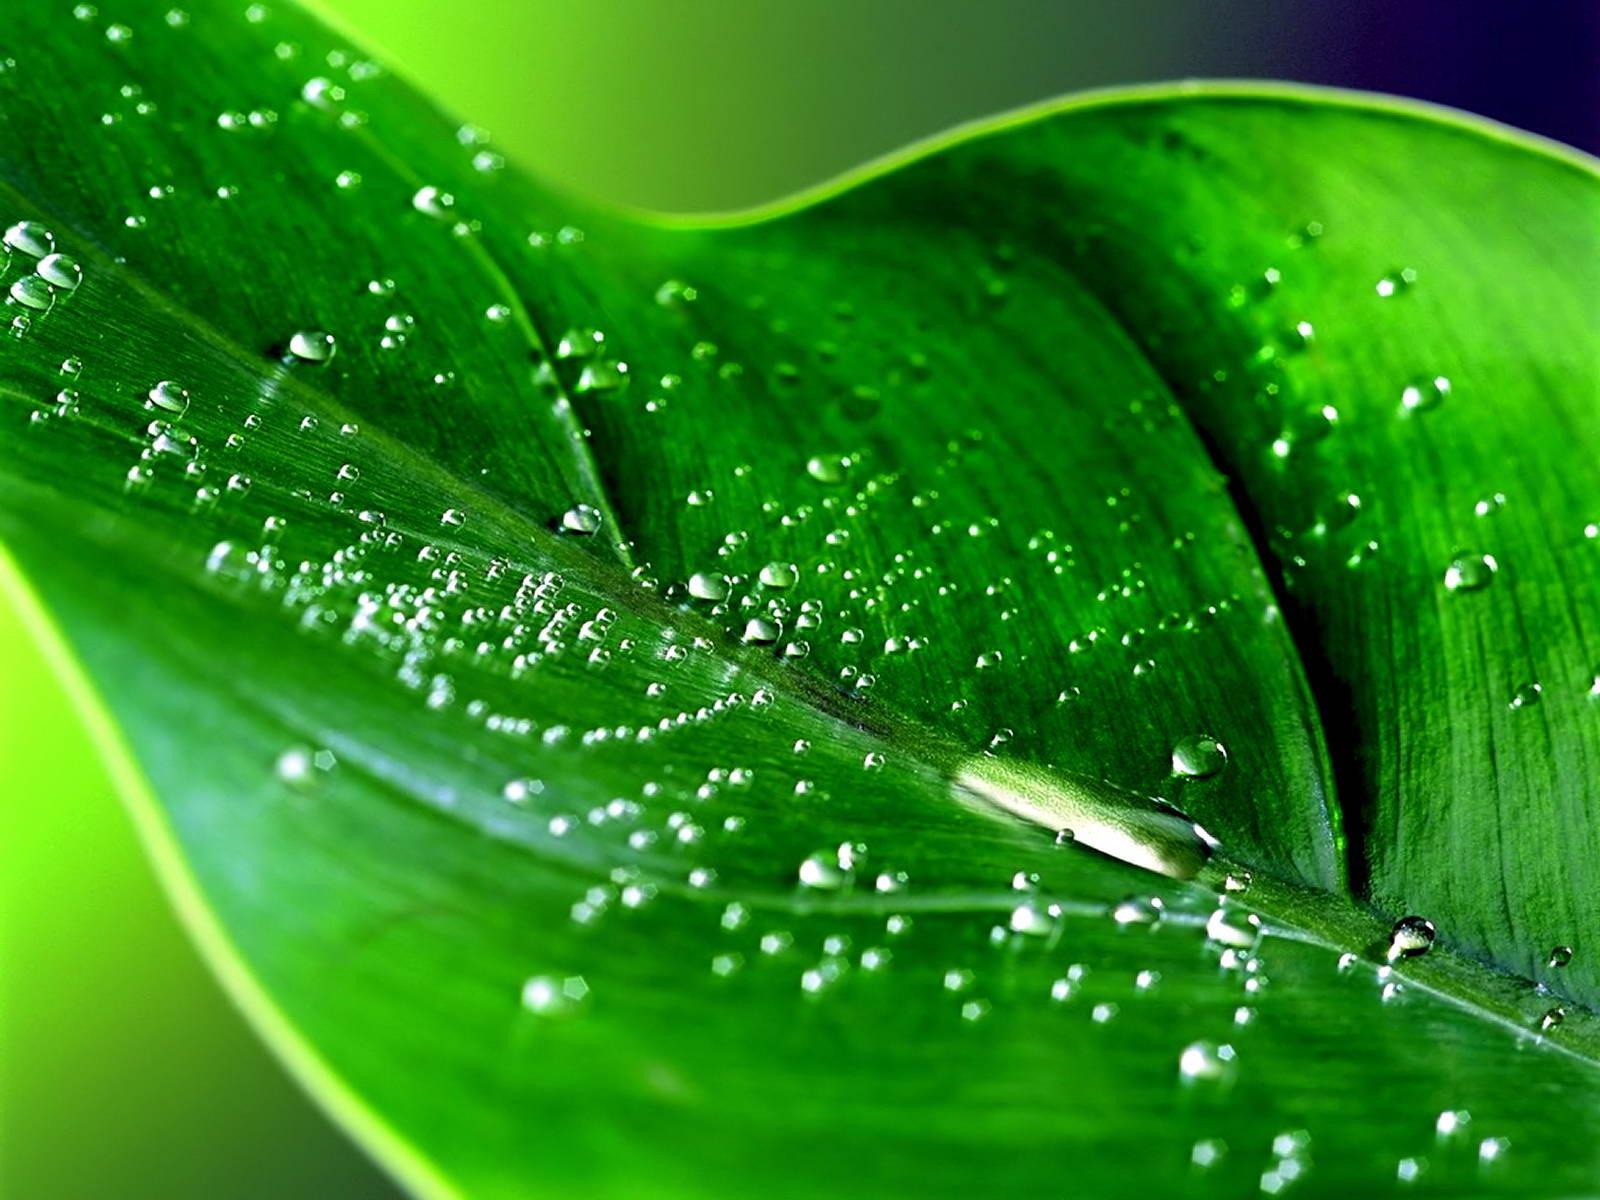 http://1.bp.blogspot.com/-kmS9mJfahwg/TlGCJM46NDI/AAAAAAAAC8M/jeS-vRM4Ywk/s1600/Rain%2Bwallpapers%2Bfor%2Bdesktop%2Bhd%2B3.jpg